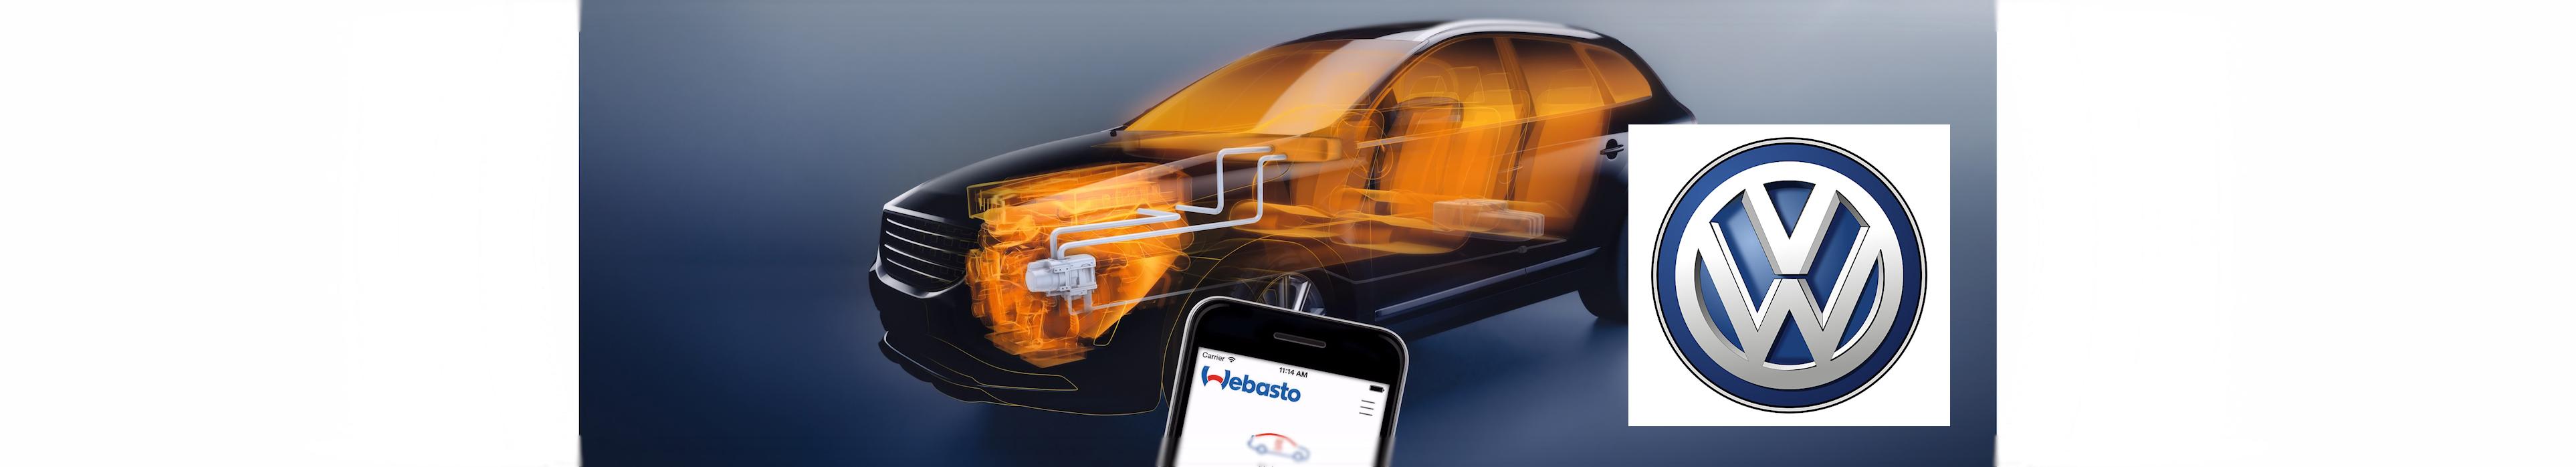 Wat kost een parkeerverwarming inbouwen bij Volkswagen / VW